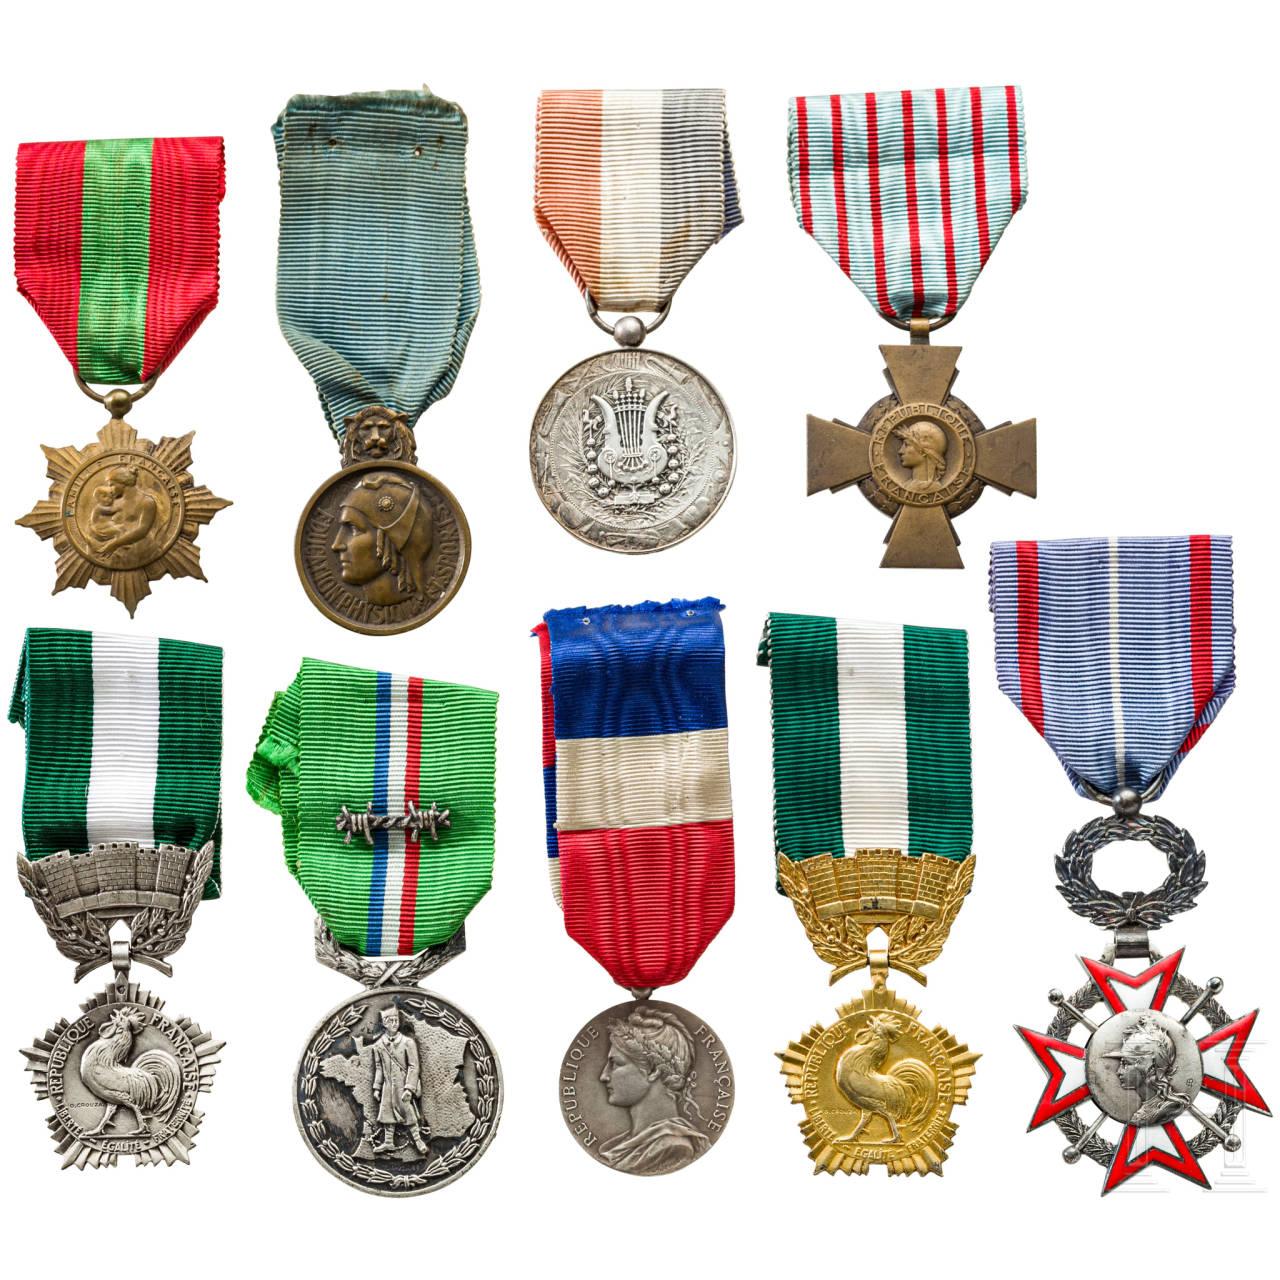 Neun Auszeichnungen, Frankreich, 20. Jhdt.